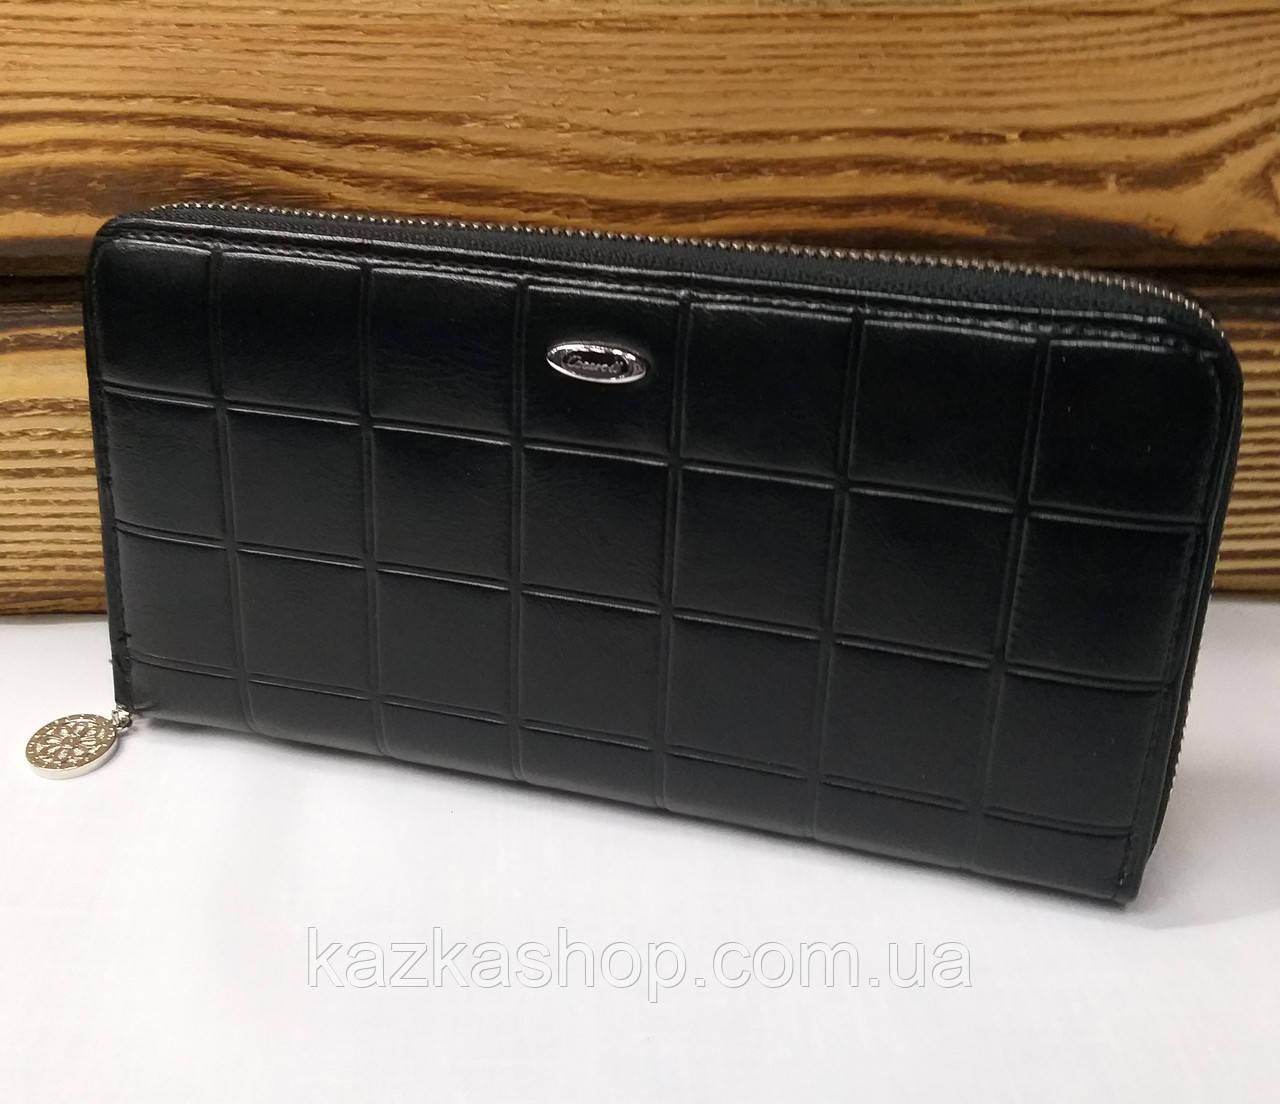 Женский кошелек из искусственной кожи, на молнии, 5 отделов для купюр, для 12 карт, черного цвета